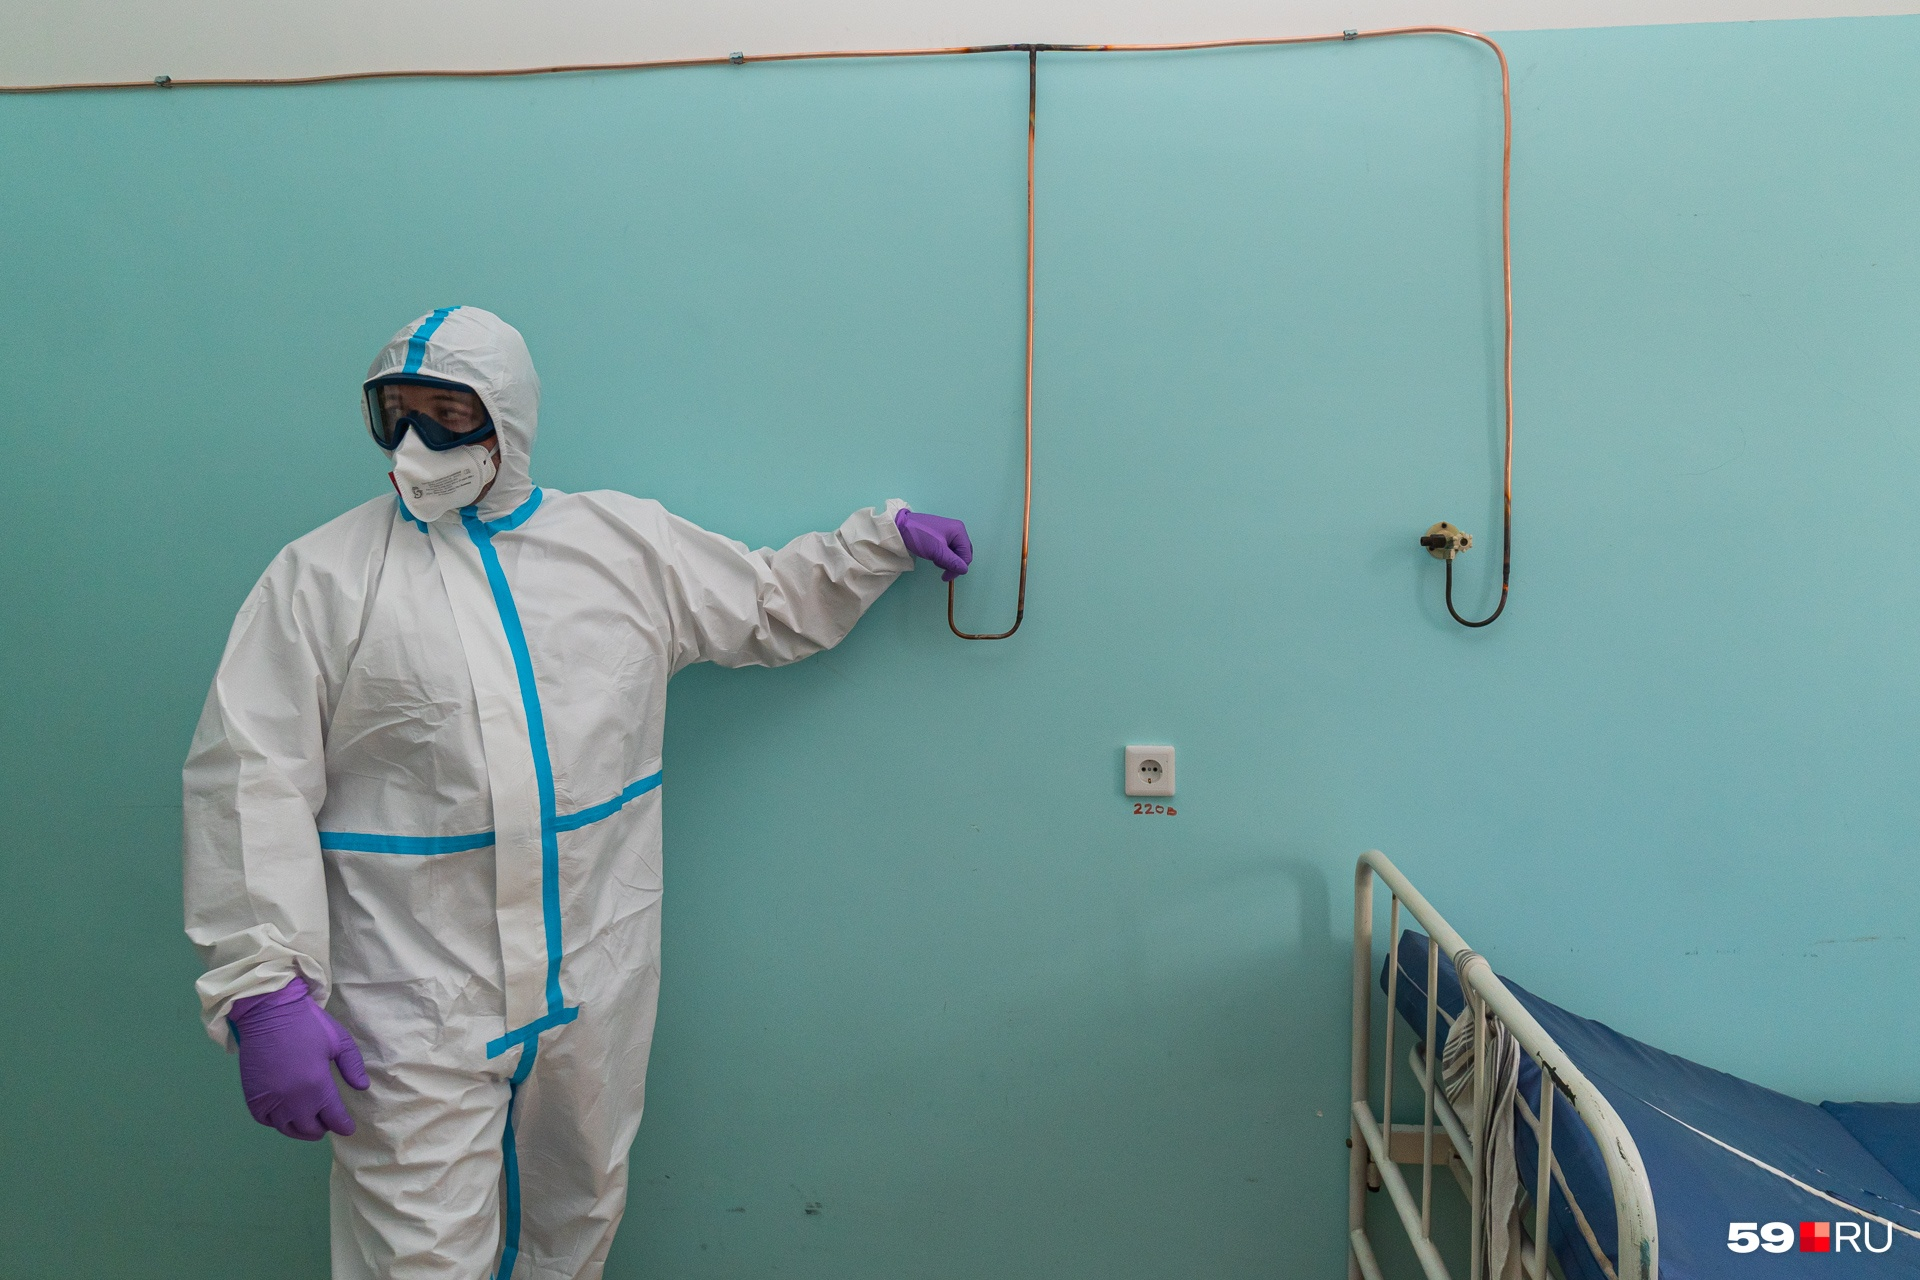 Главврач проверил кислородные подводки у кроватей — работают